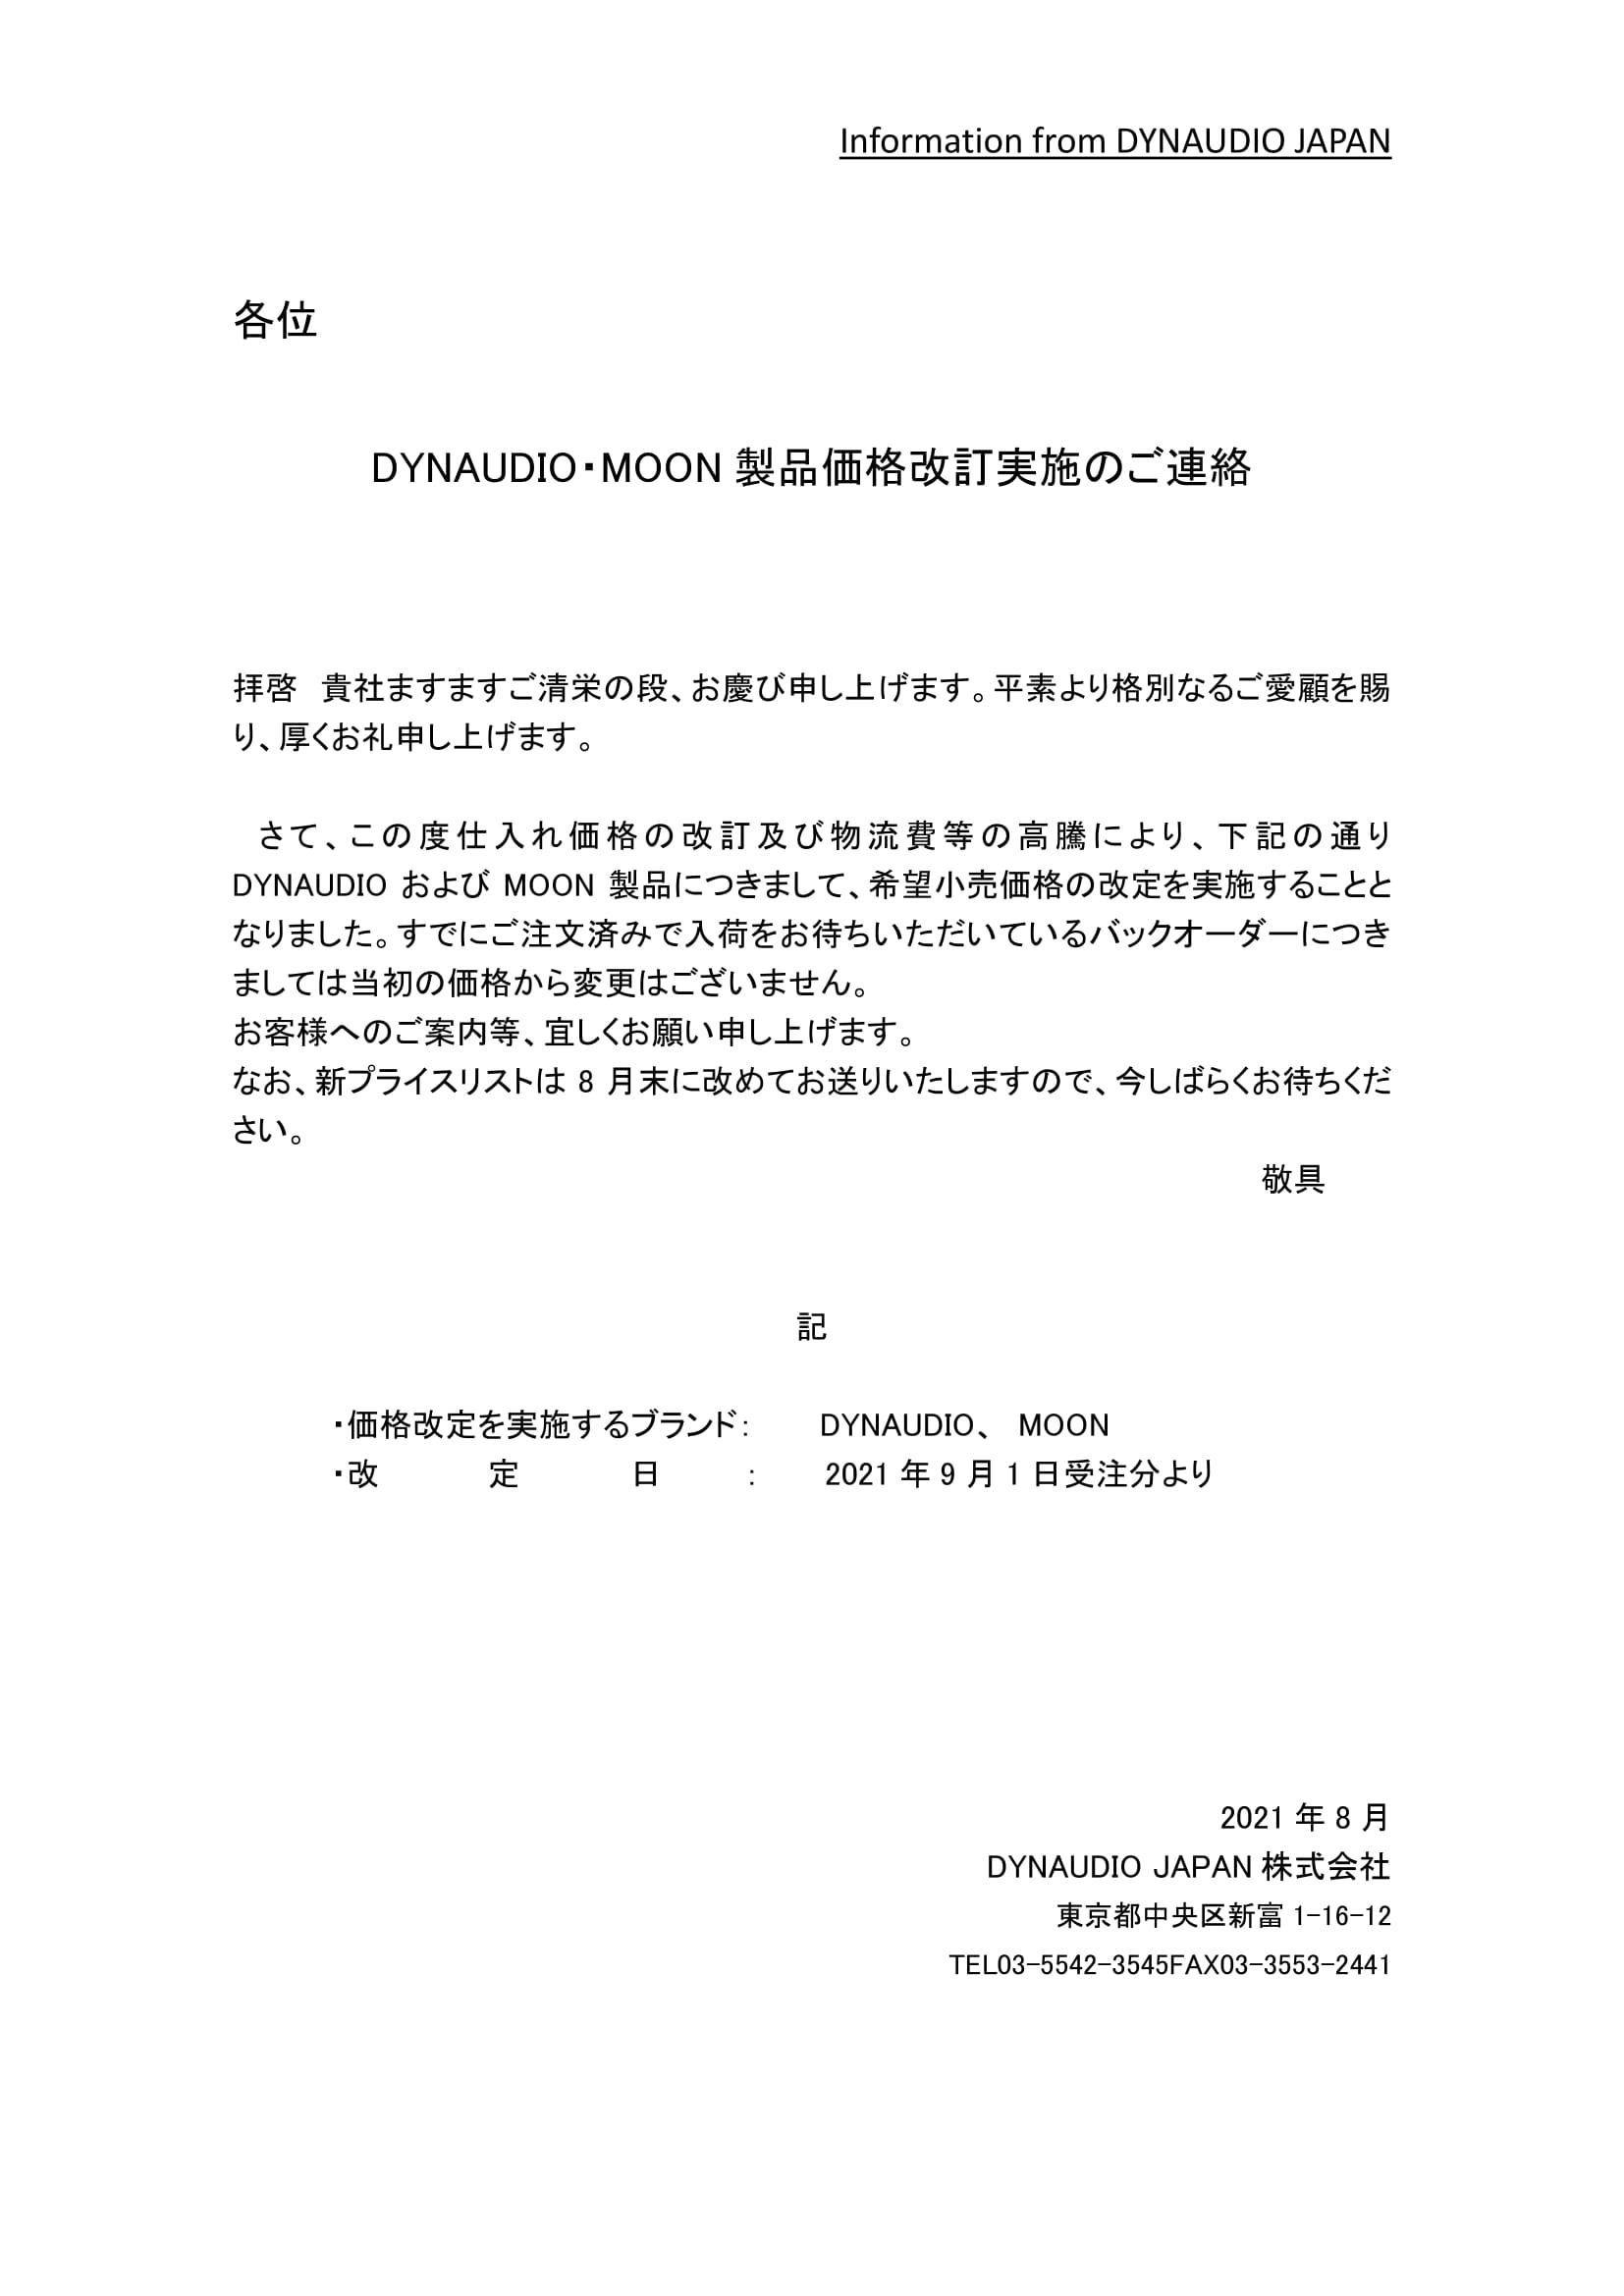 202108dynaMoon価格改定-1